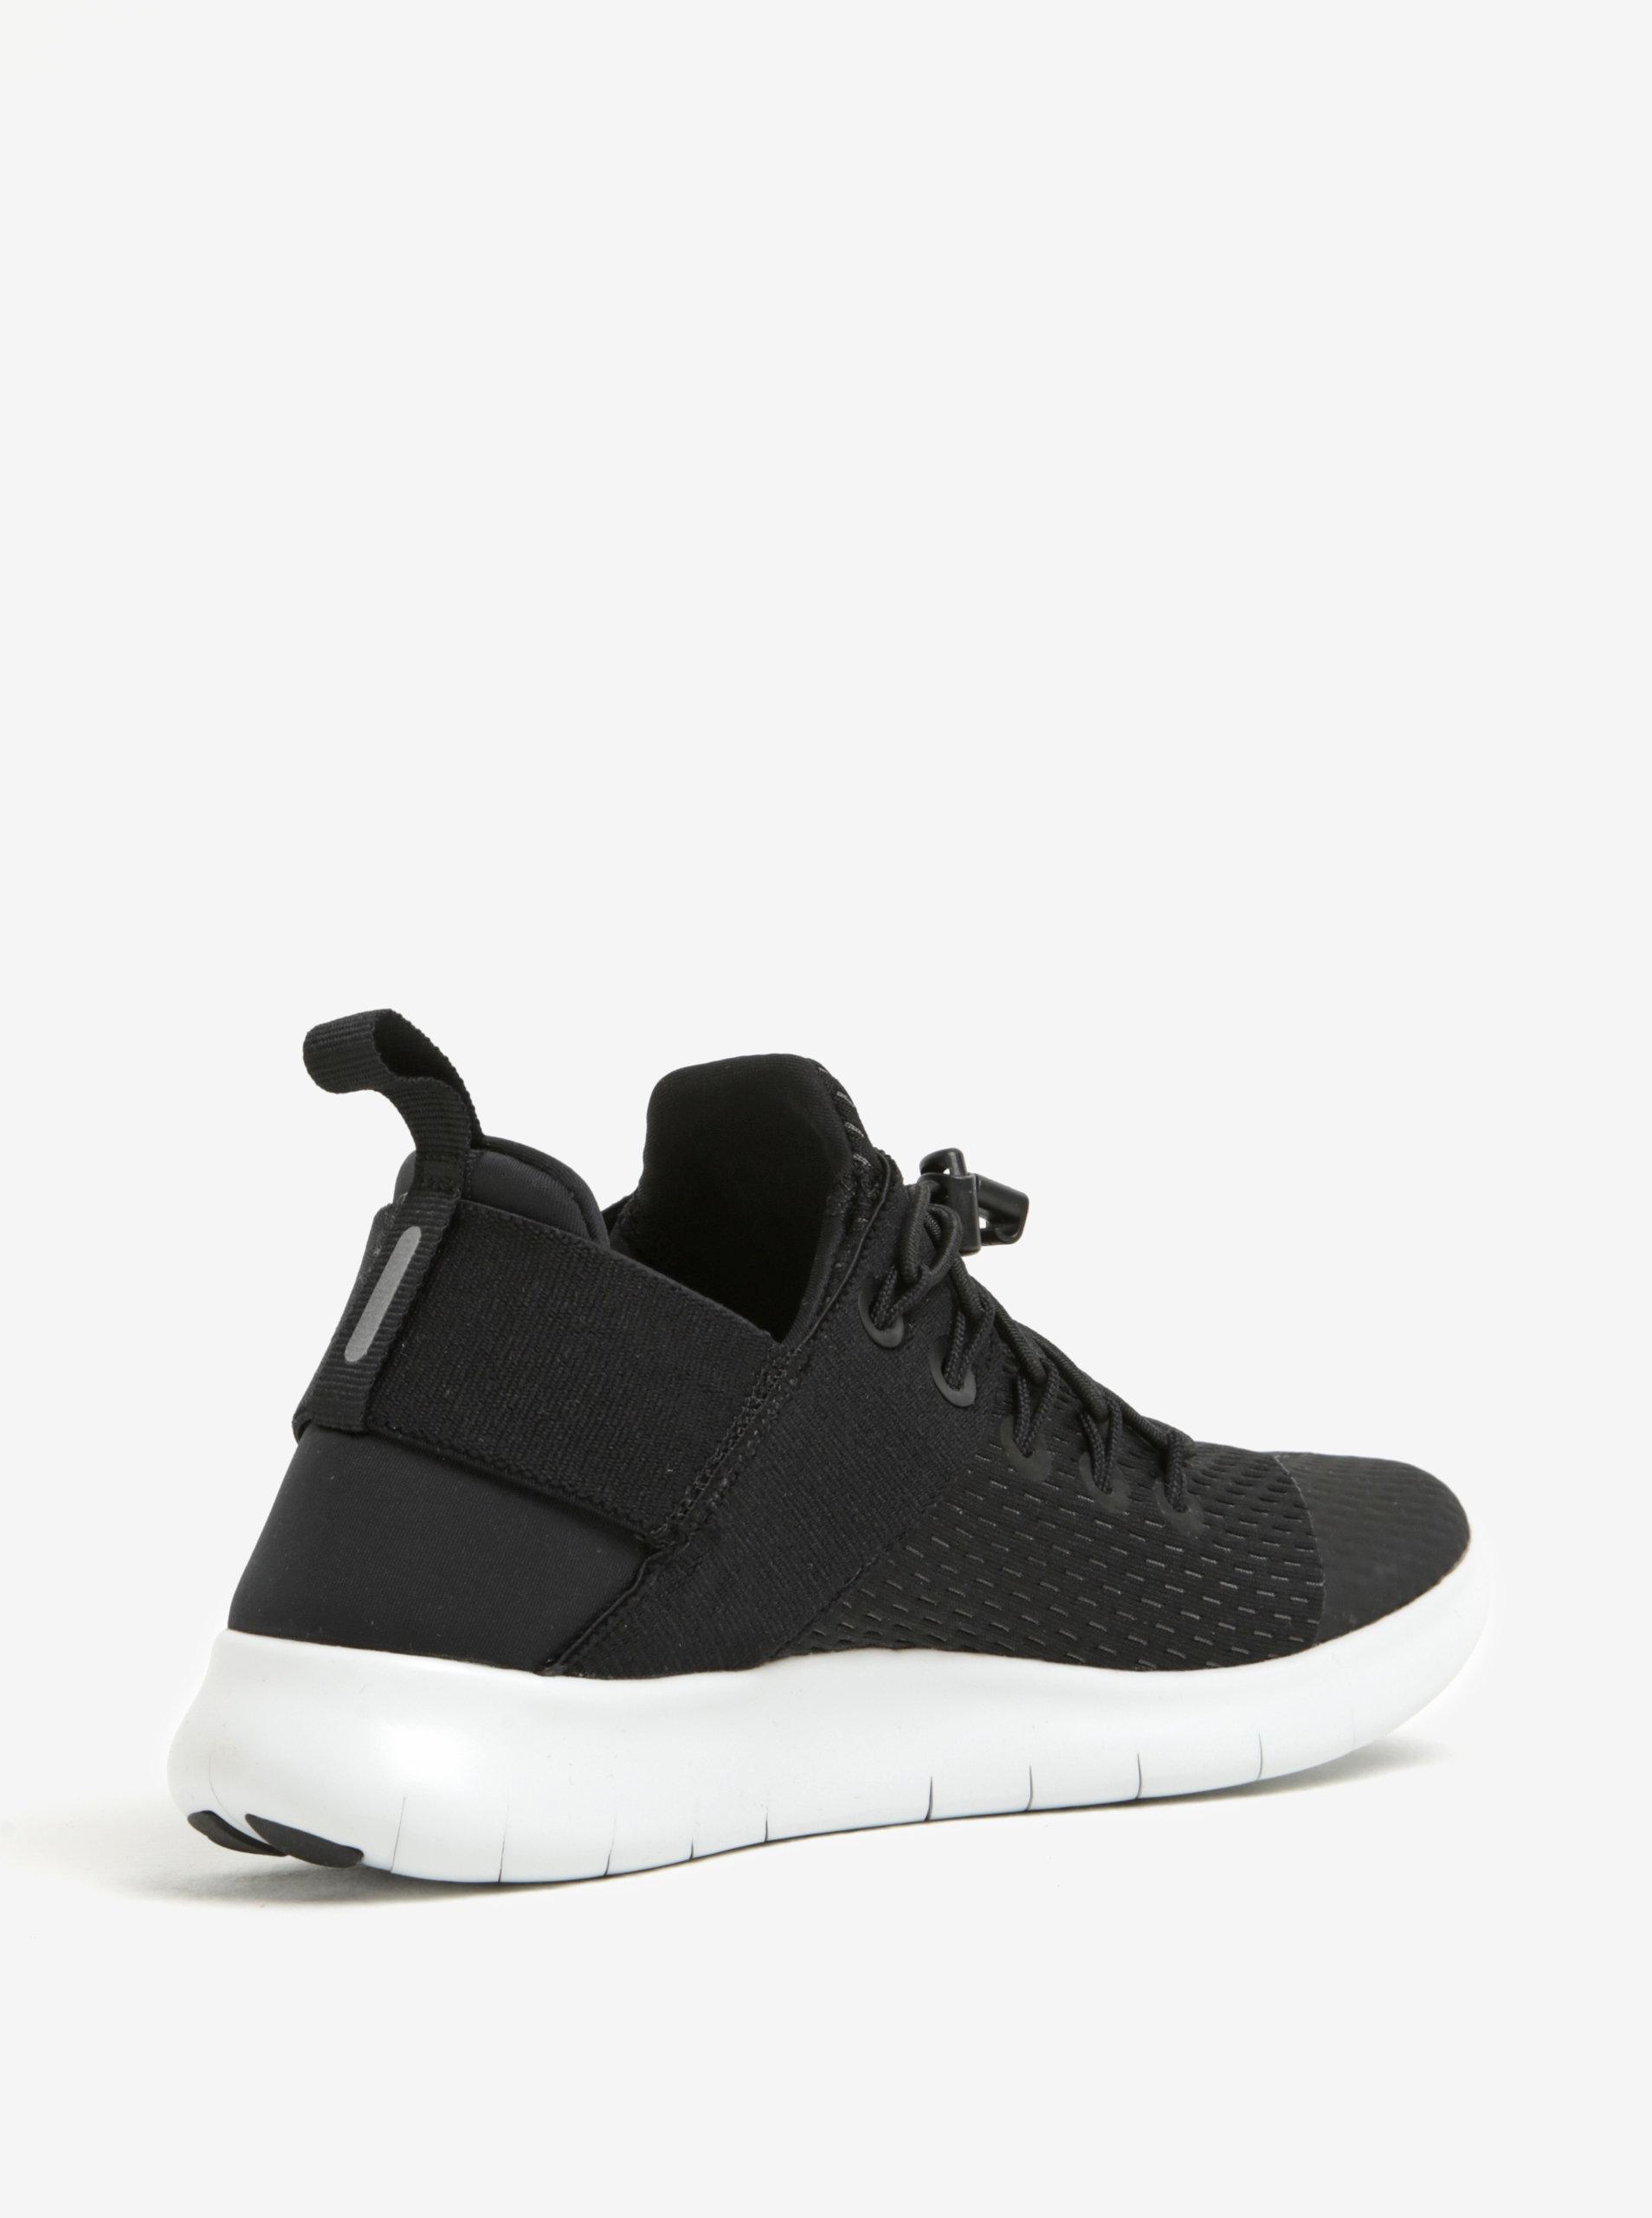 2e8d53217c4d3 Krémovo-čierne dámske tenisky Nike Free Commuter   ZOOT.sk